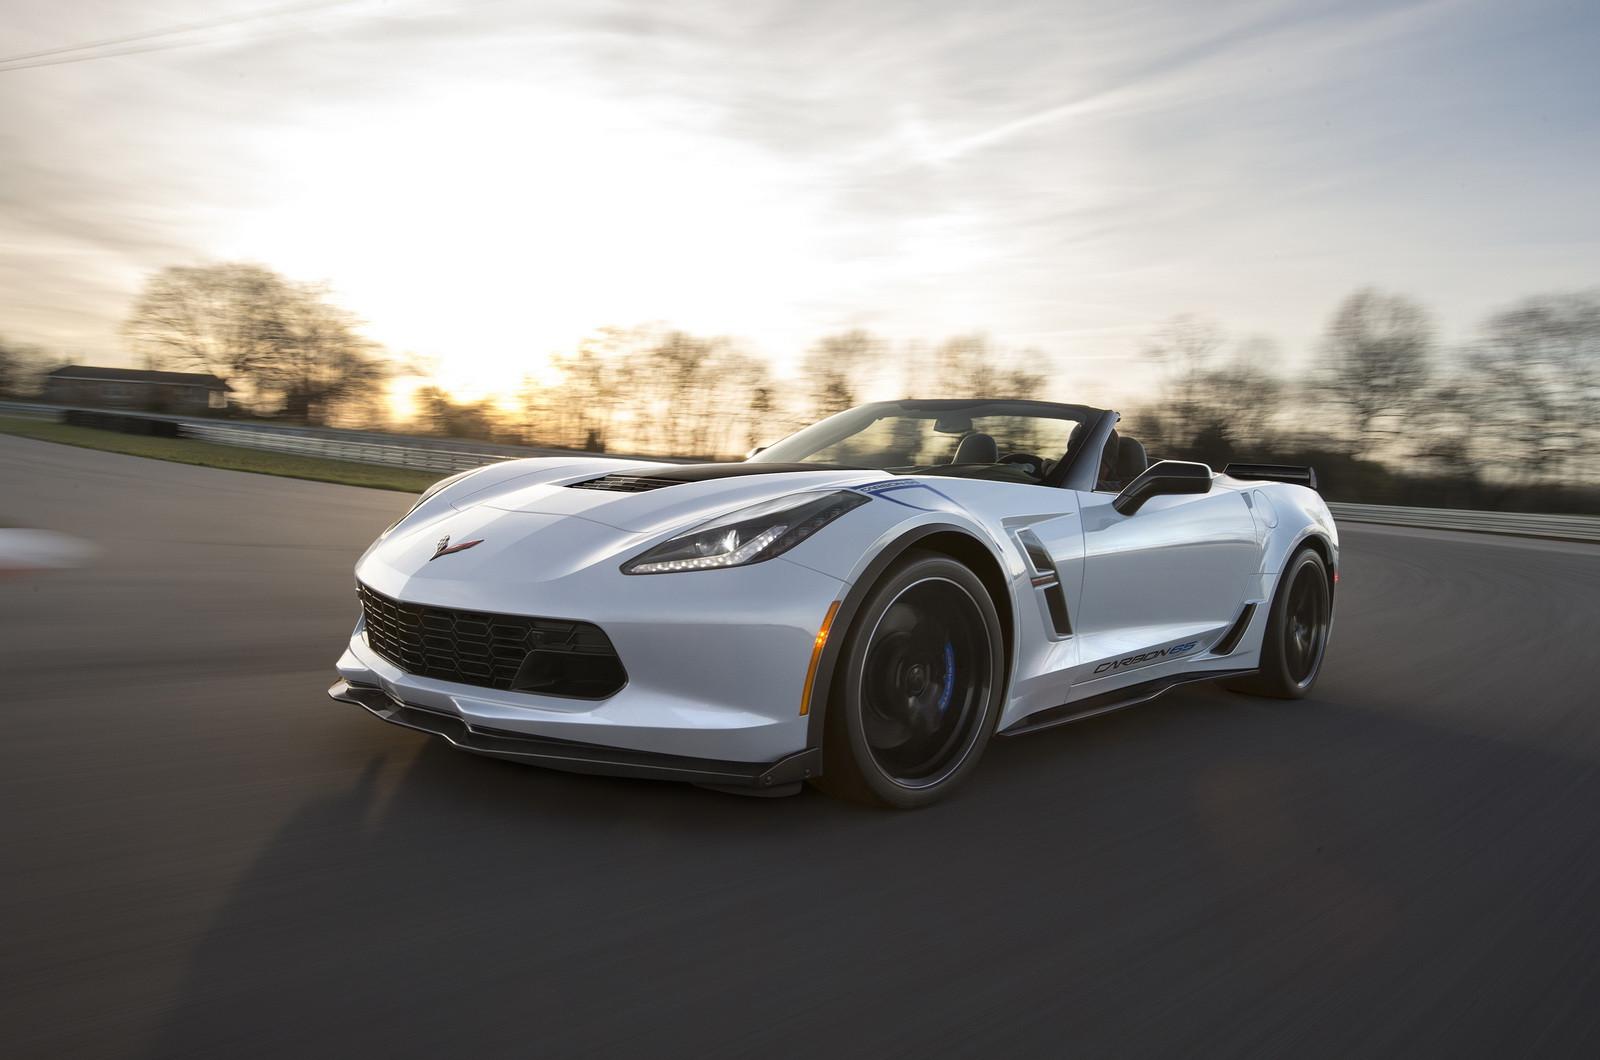 Вчесть своего 65-летия Шевроле выпустила спецверсию Corvette